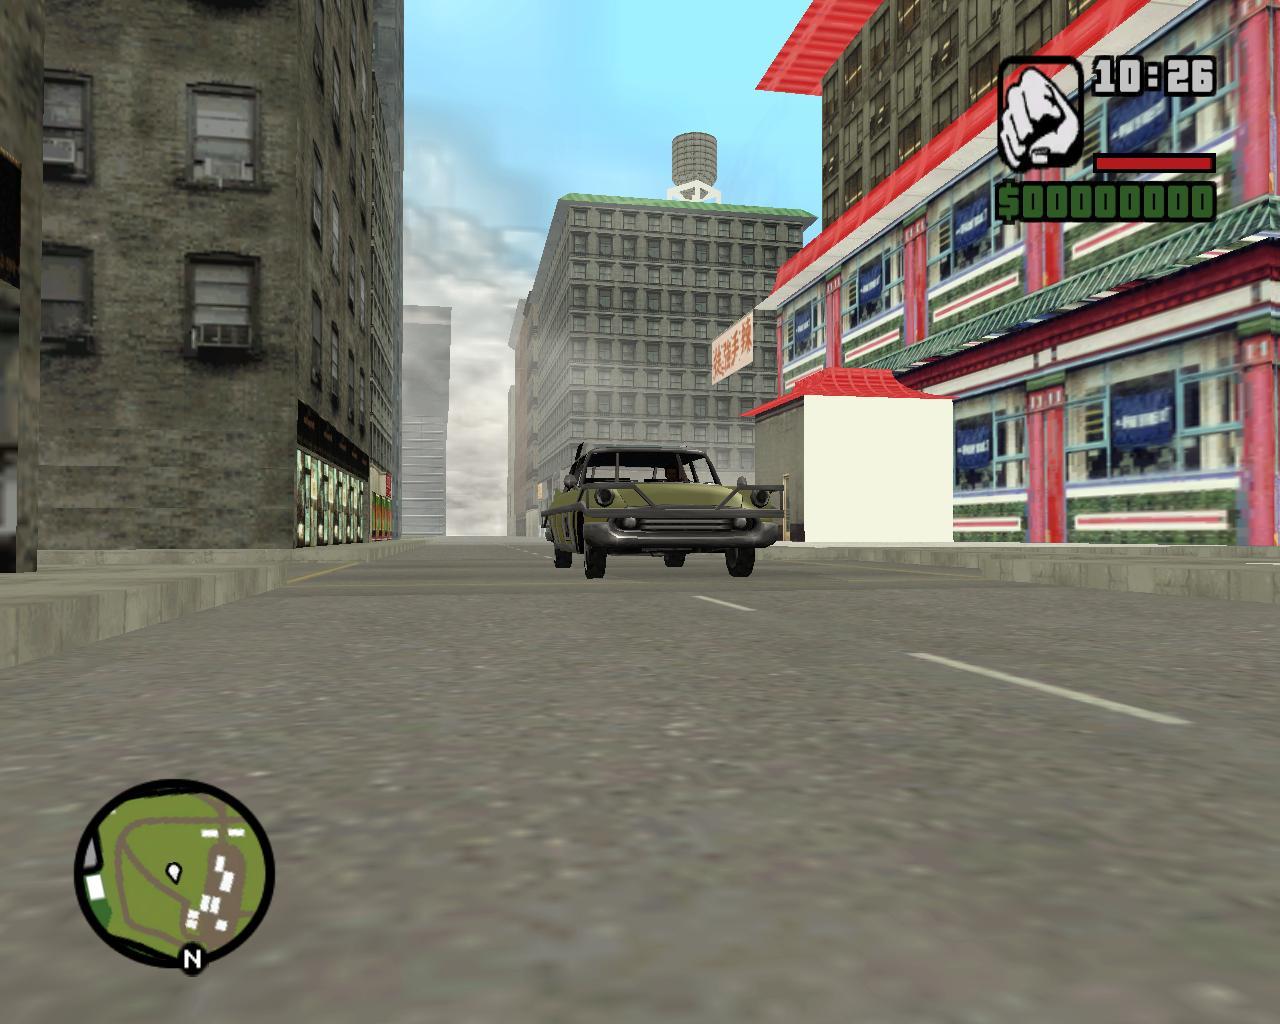 Gtagaragecom Gta Carcer City View Screenshot